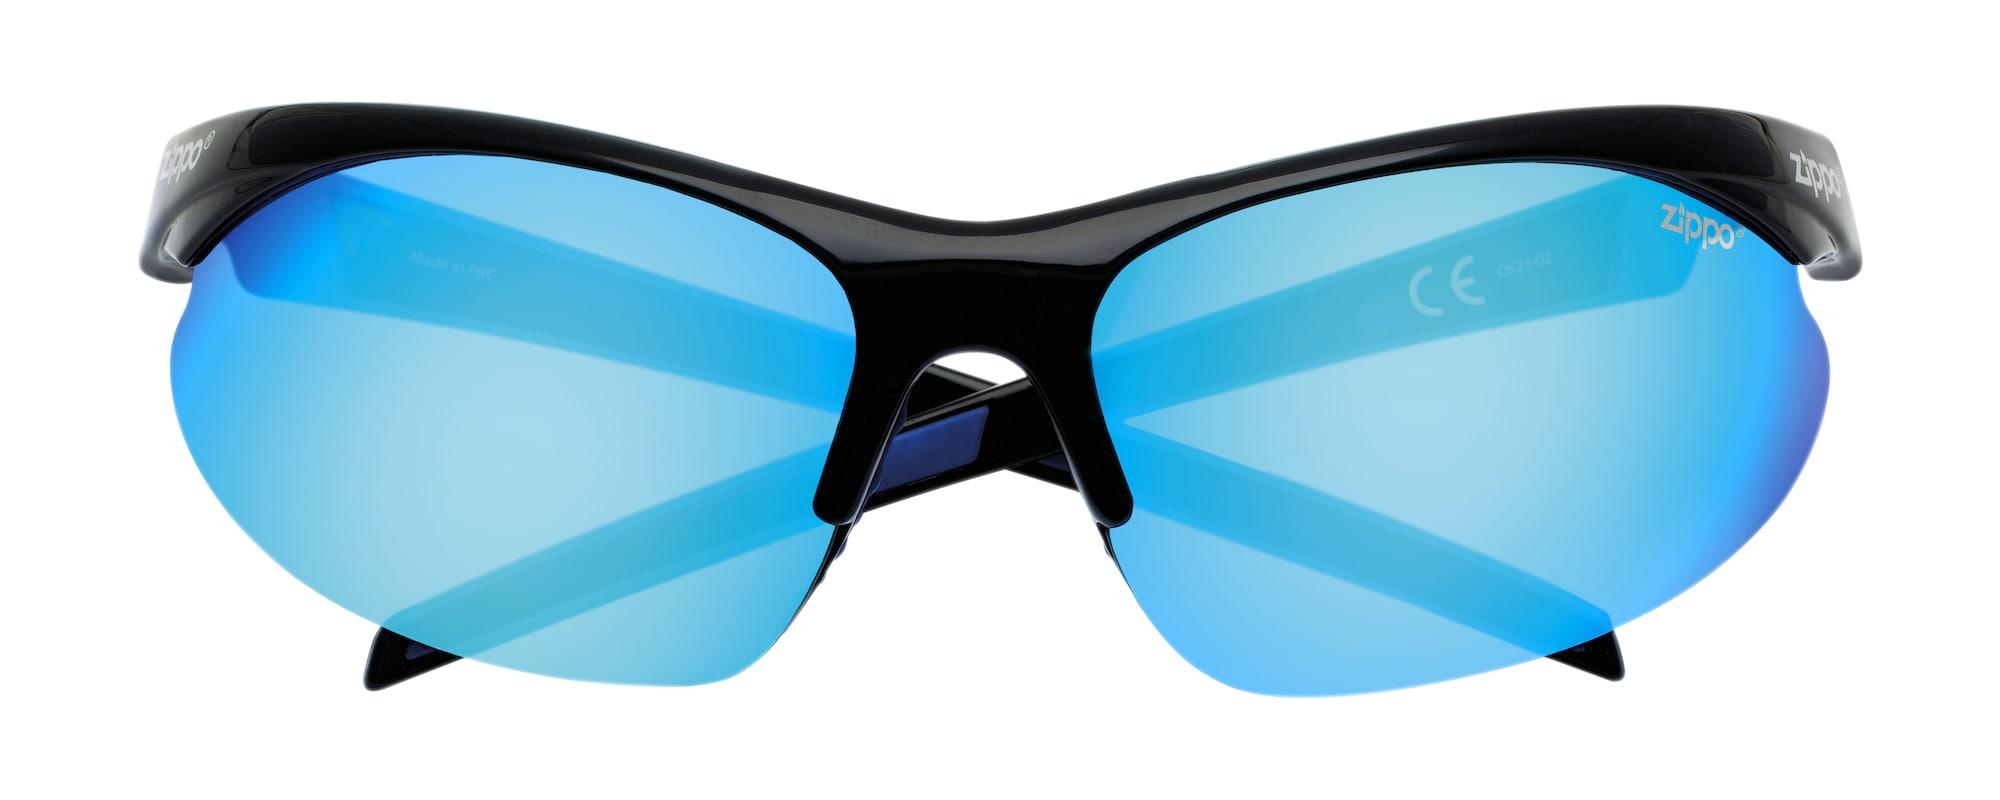 zippo - Sonnenbrille Sport halber Rand 'Black/Blue'